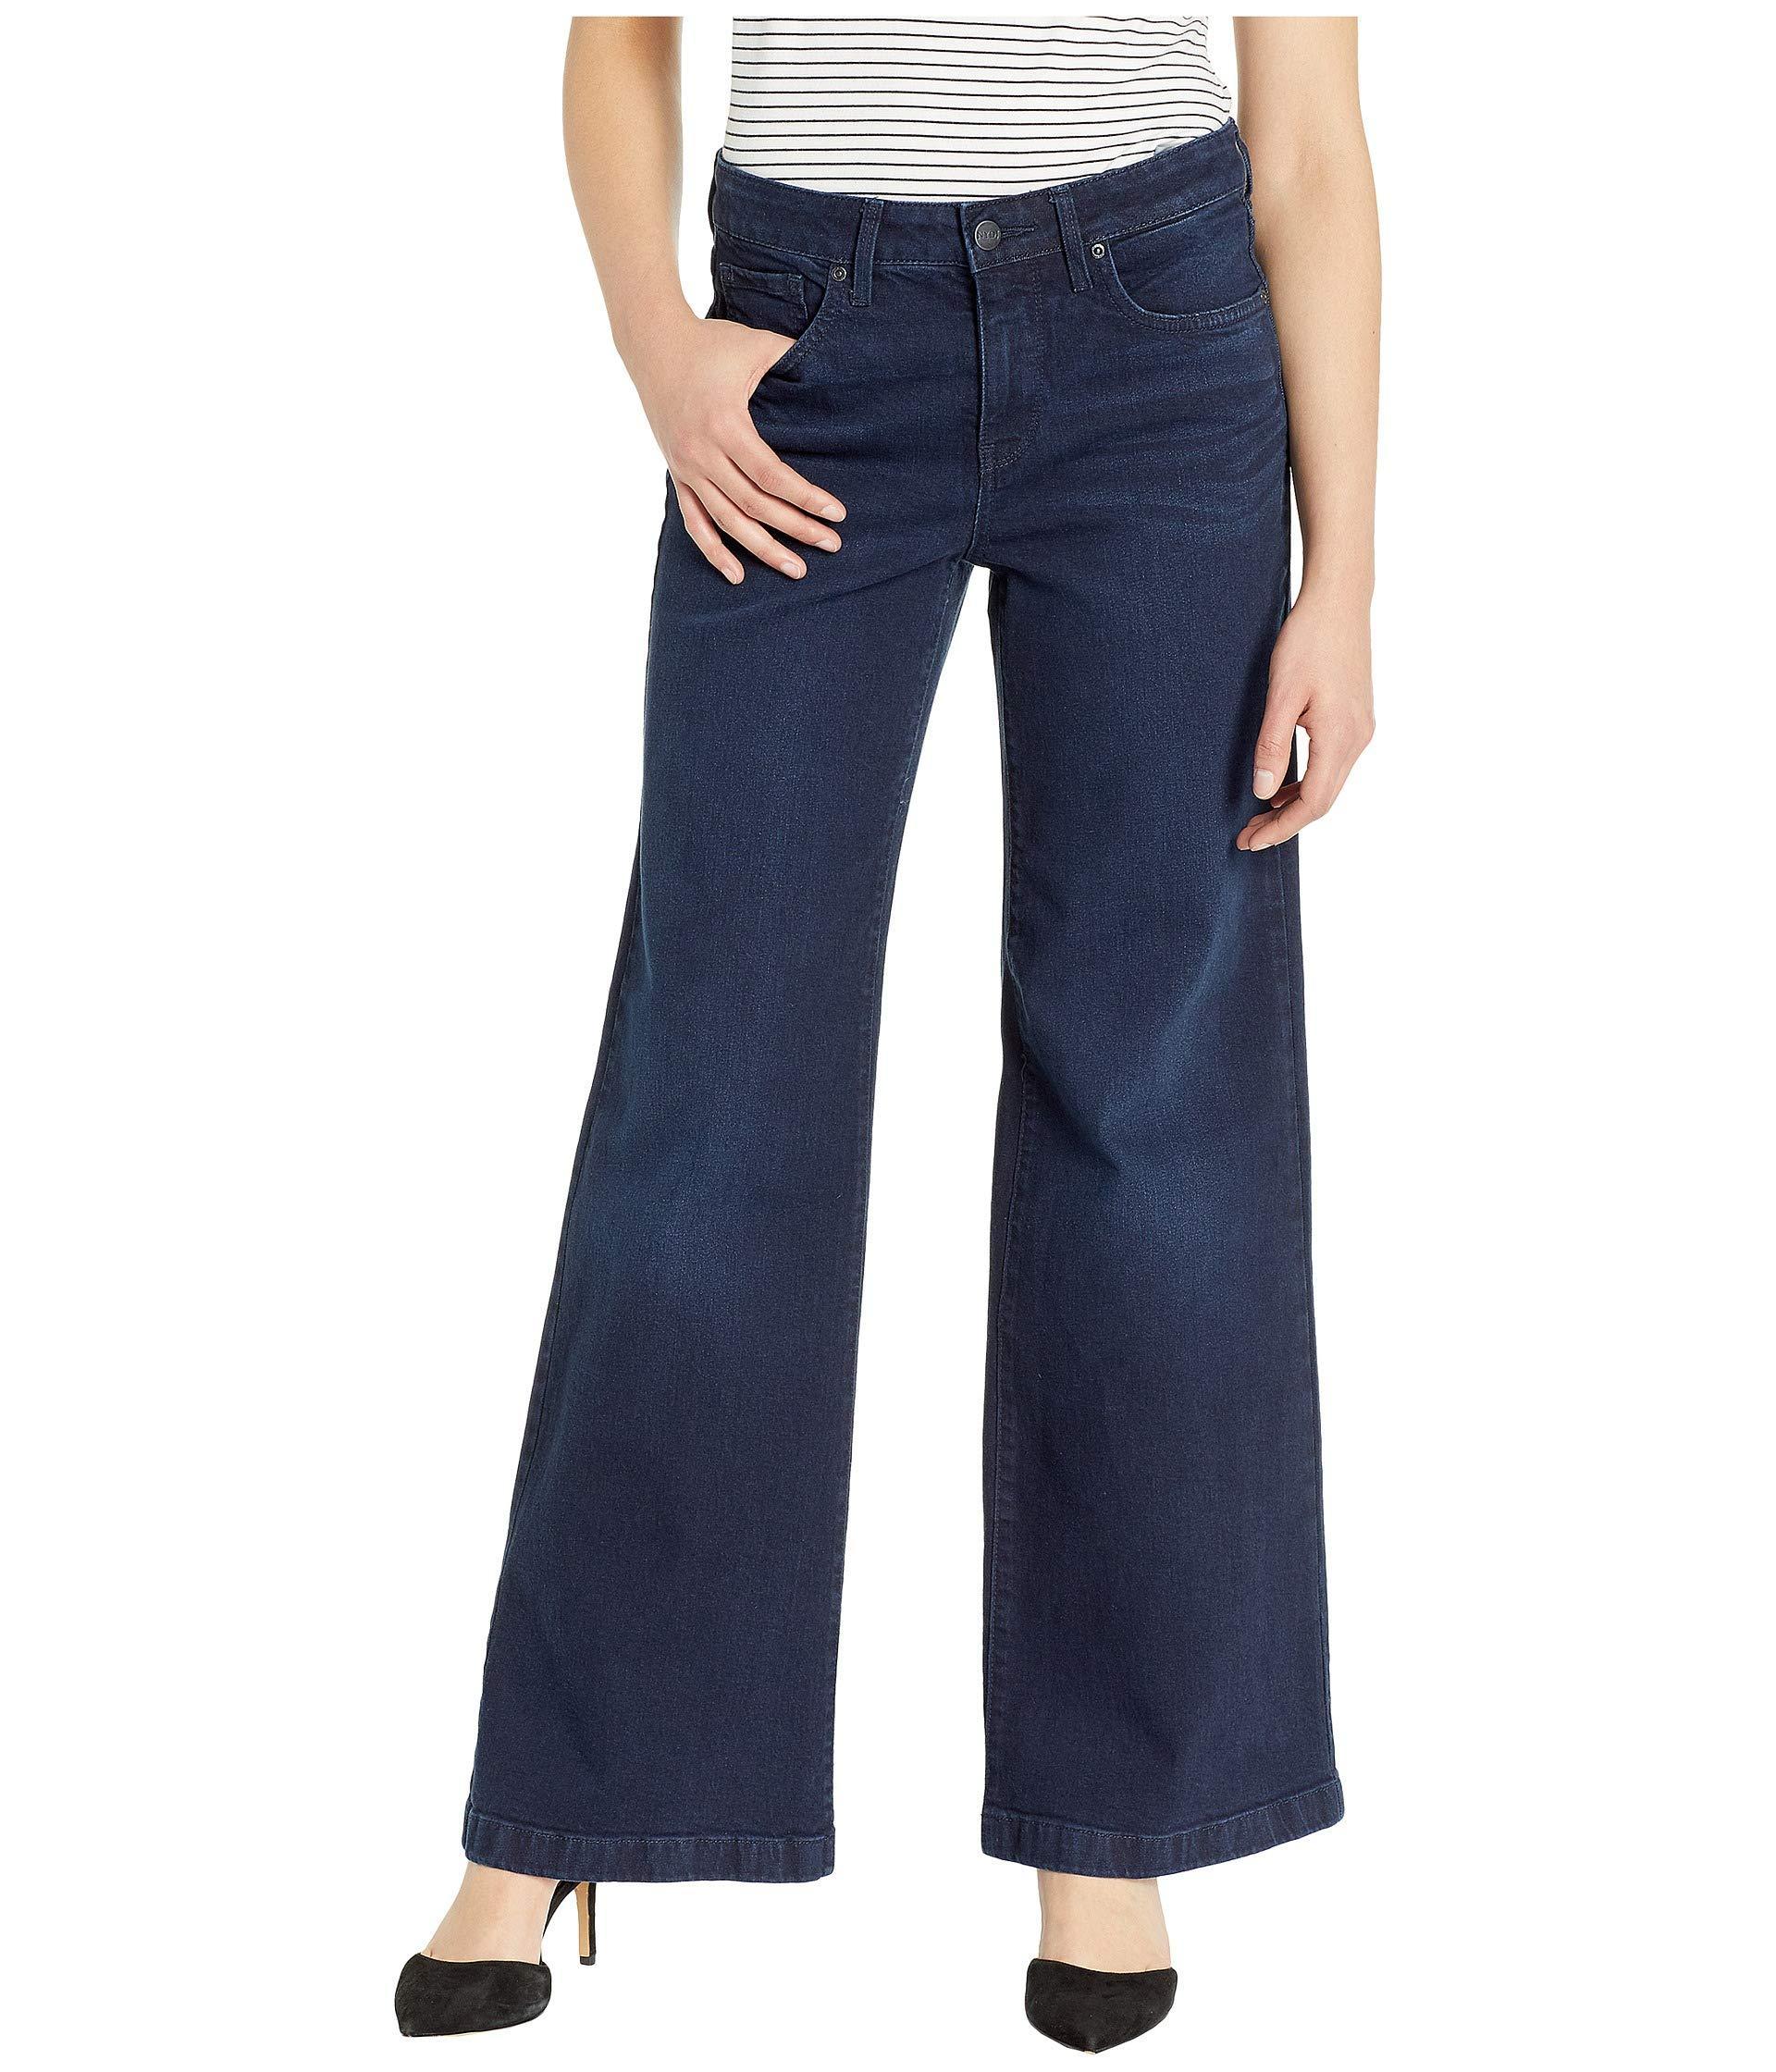 9bac10def03e2 Lyst - NYDJ Wide Leg Trousers In Bixby (bixby) Women s Jeans in Blue